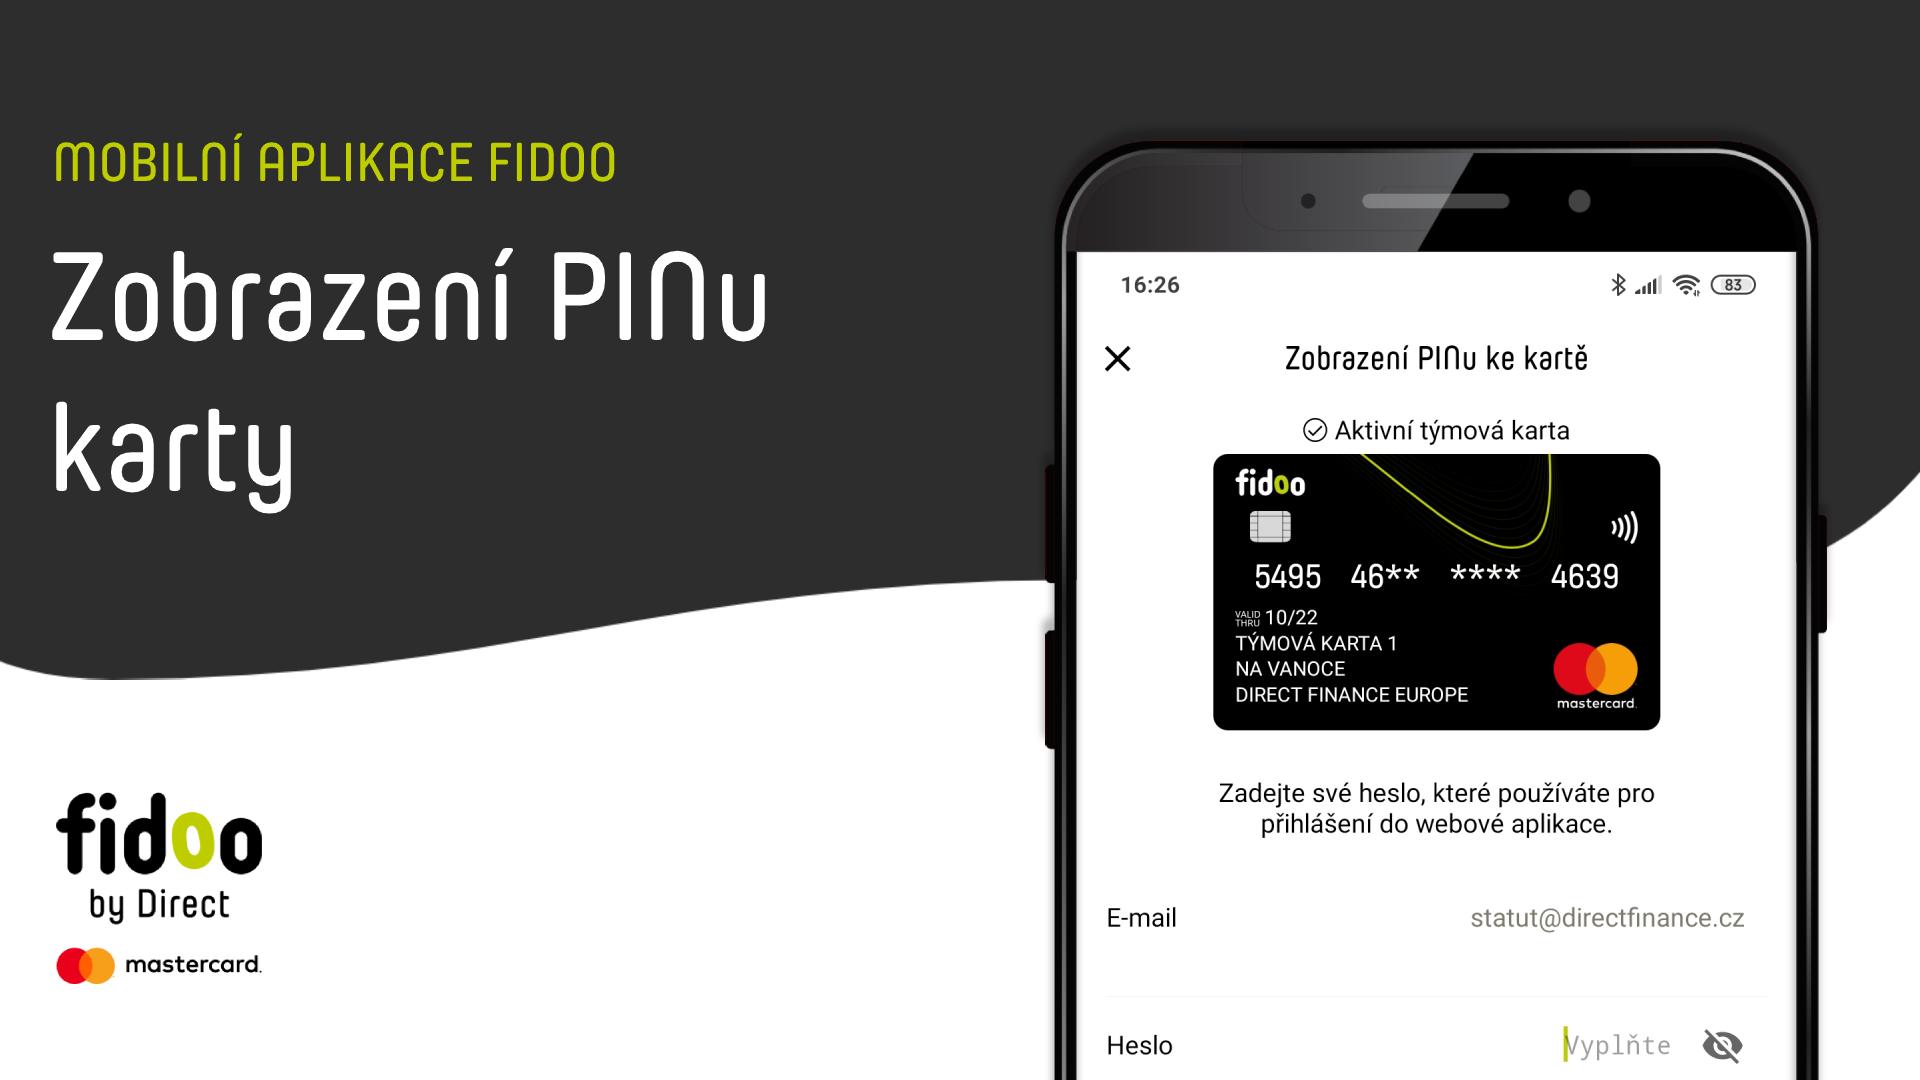 Zobrazení PINu v mobilní aplikaci Fidoo